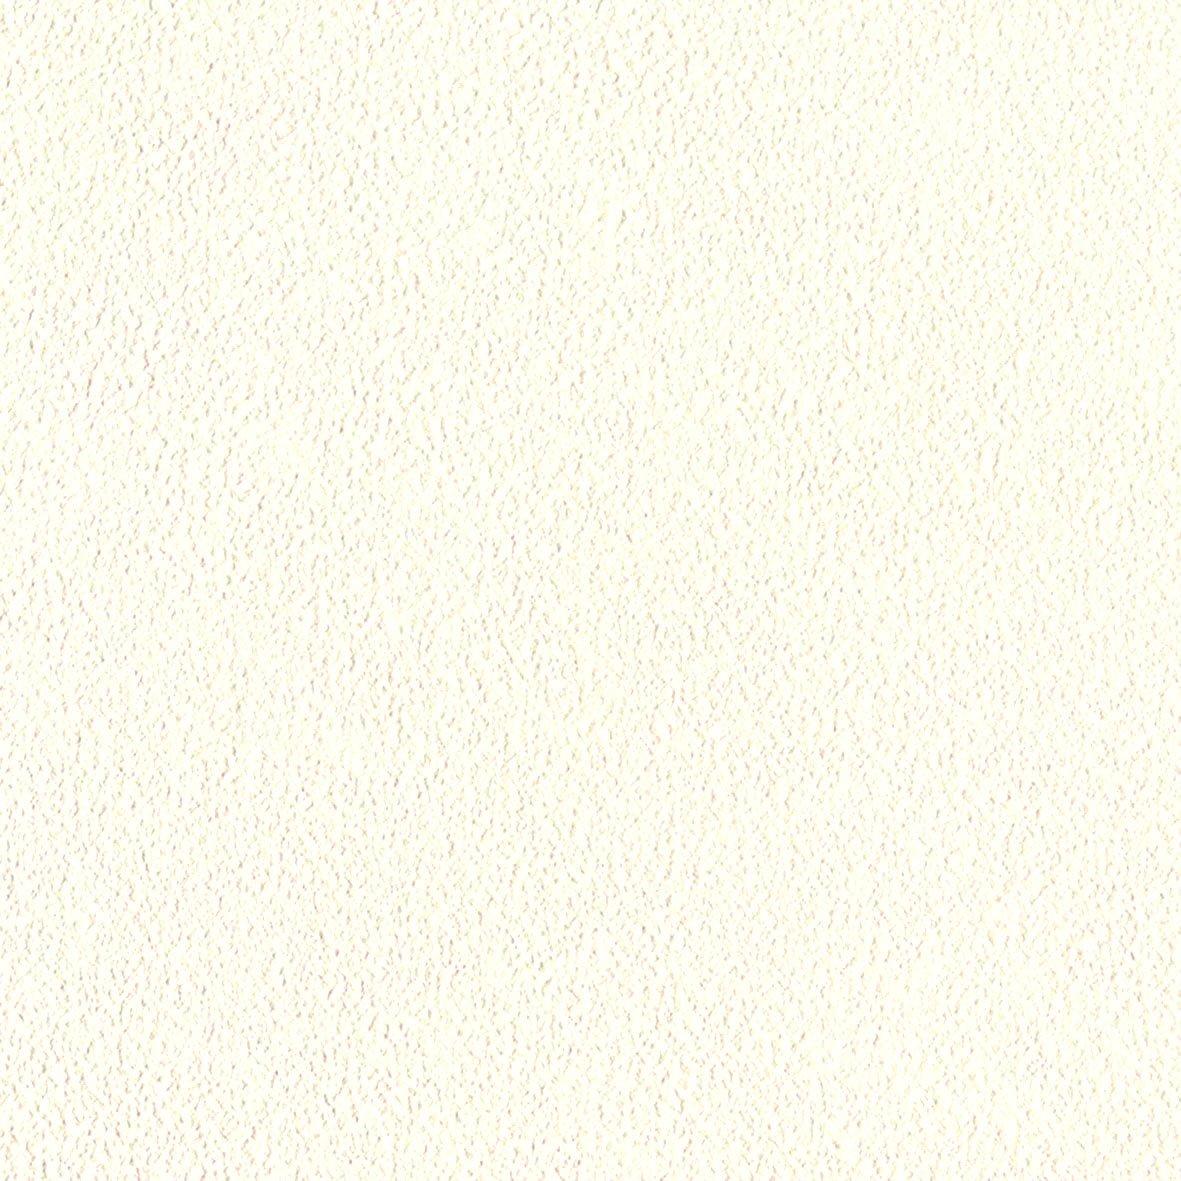 リリカラ 壁紙35m シンフル 石目調 ホワイト LL-8215 B01MXDK4T9 35m|ホワイト